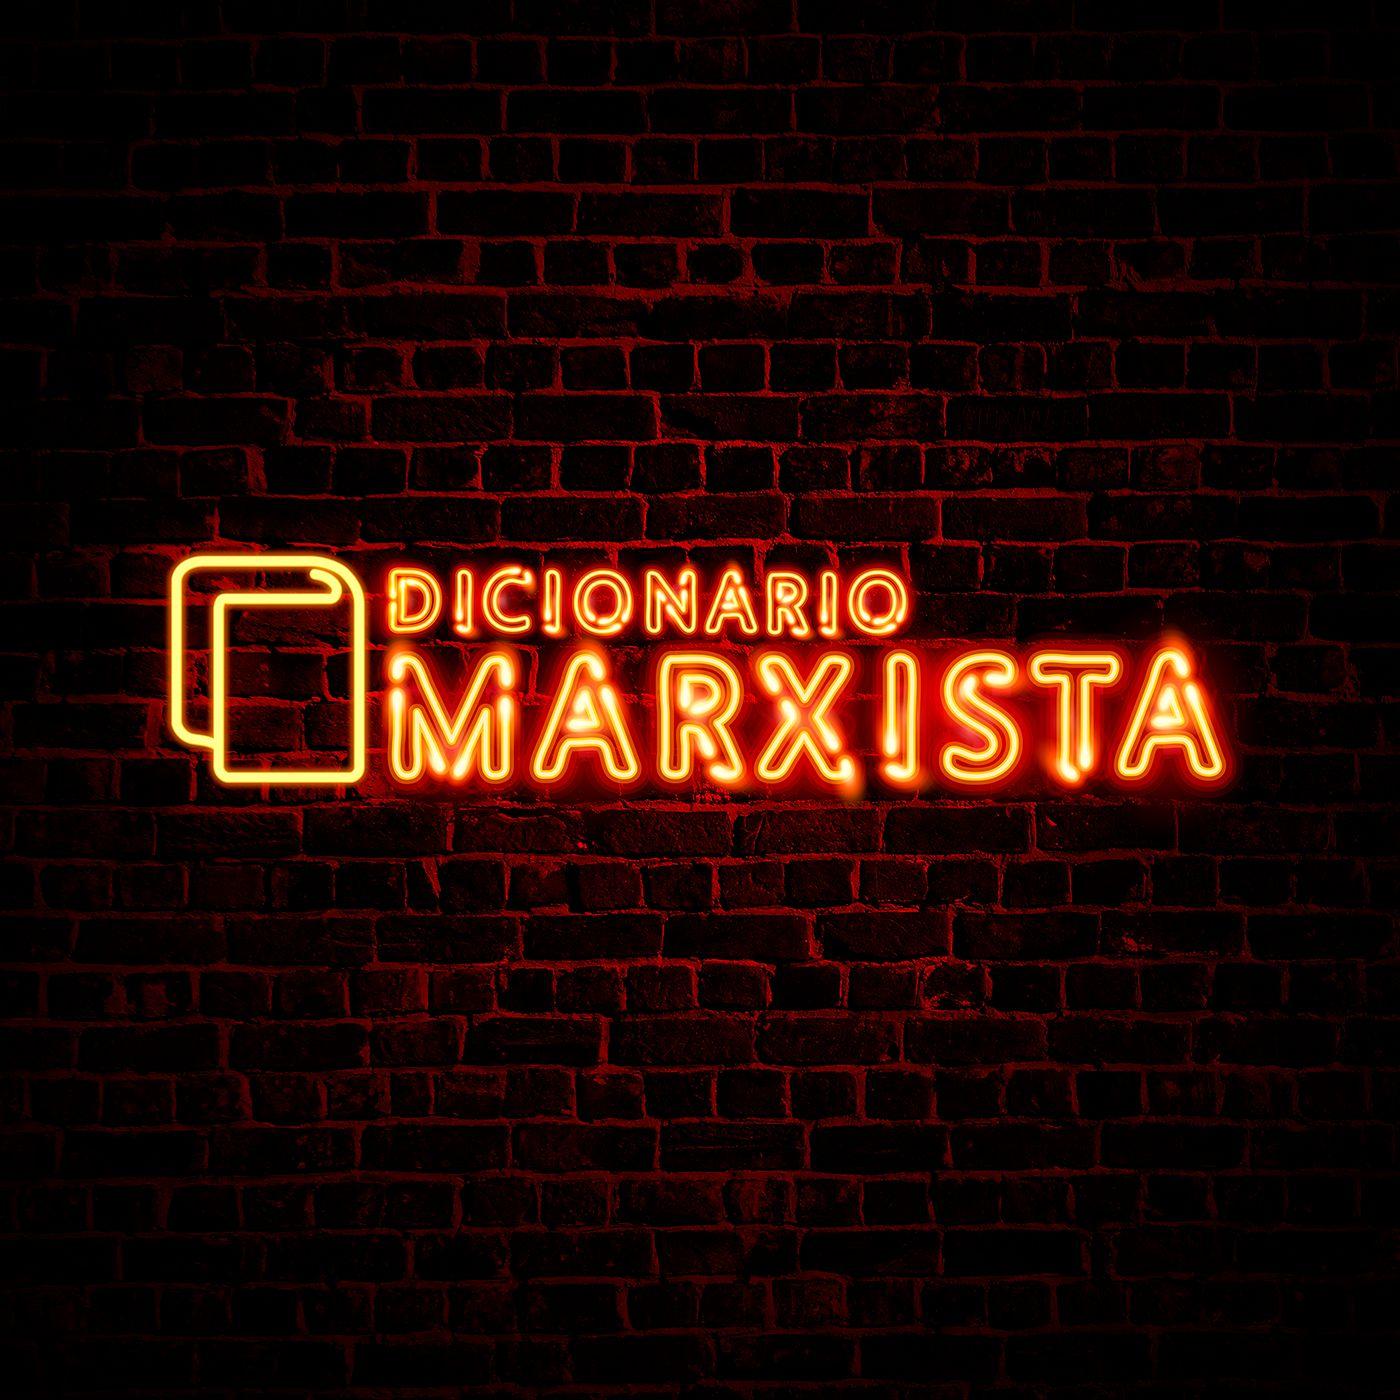 Dicionário Marxista 004 - Classes Sociais